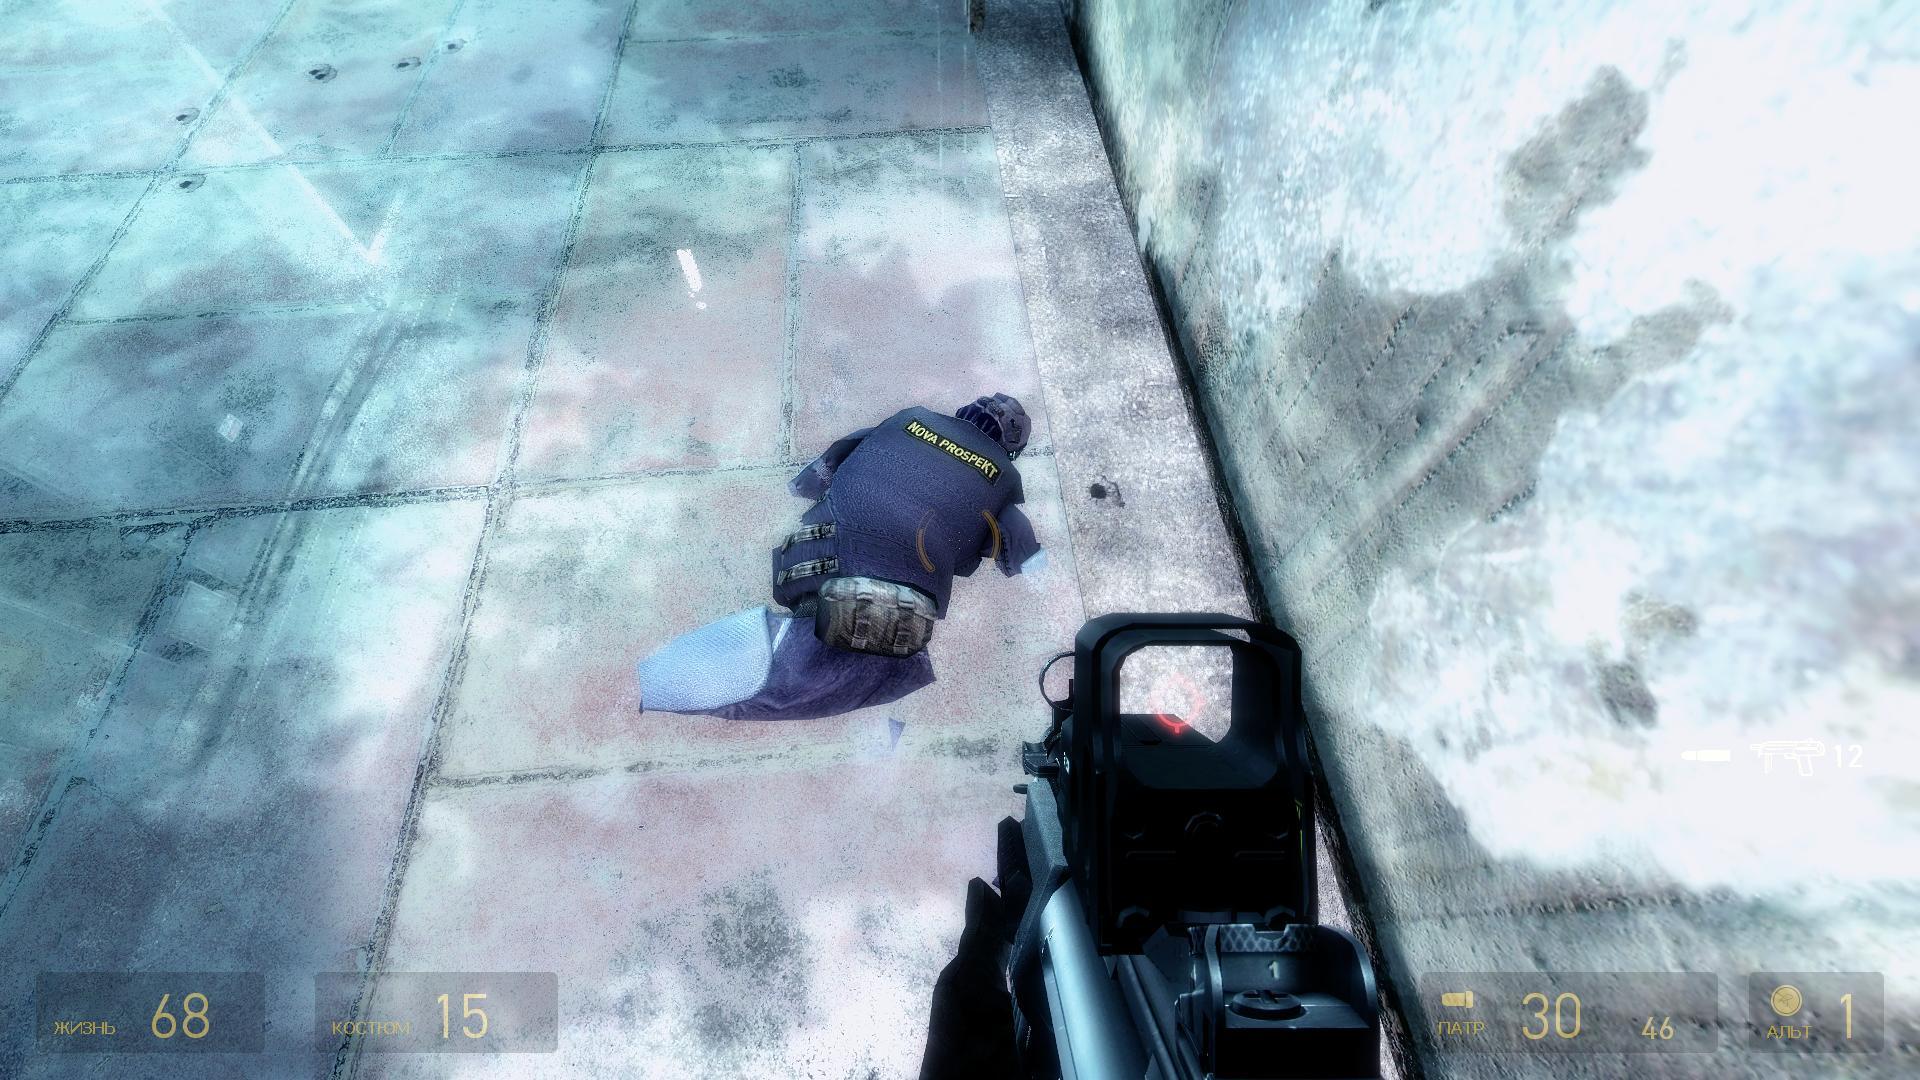 Half-Life 2 2018-09-05 22-51-55-79.jpg - Half-Life 2